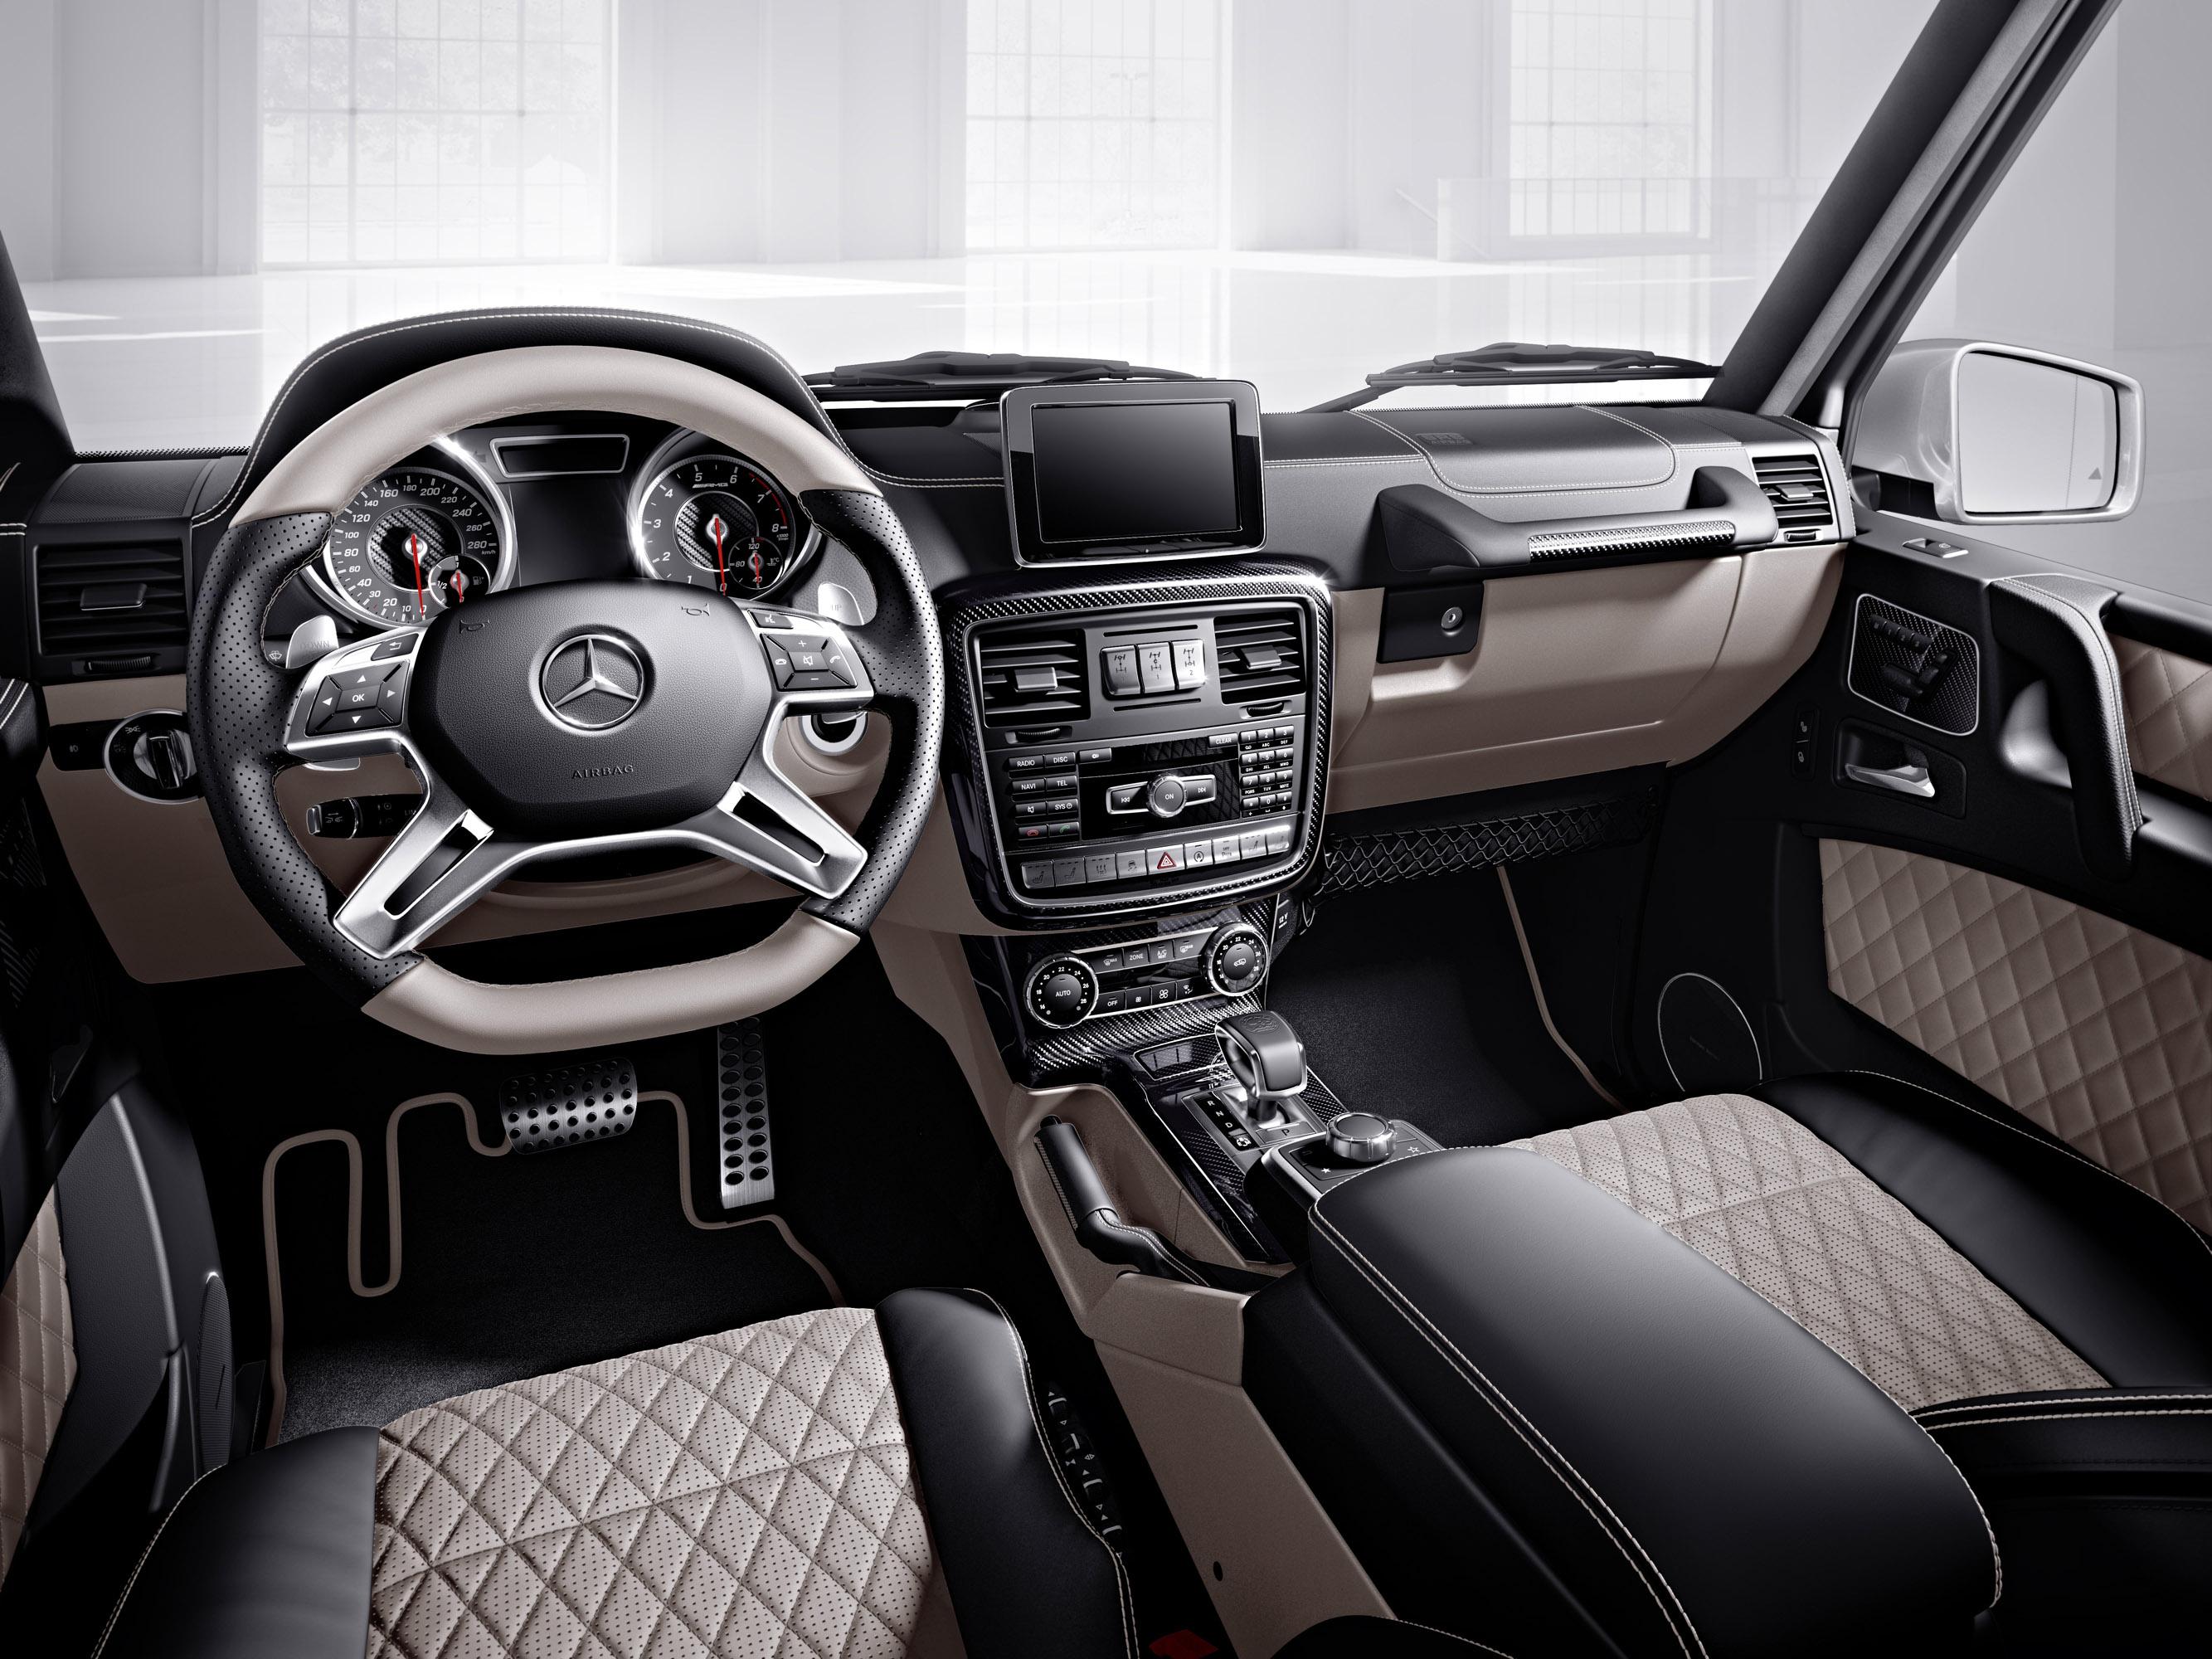 Subaru unveils new 2017 impreza models for Mercedes benz interieur